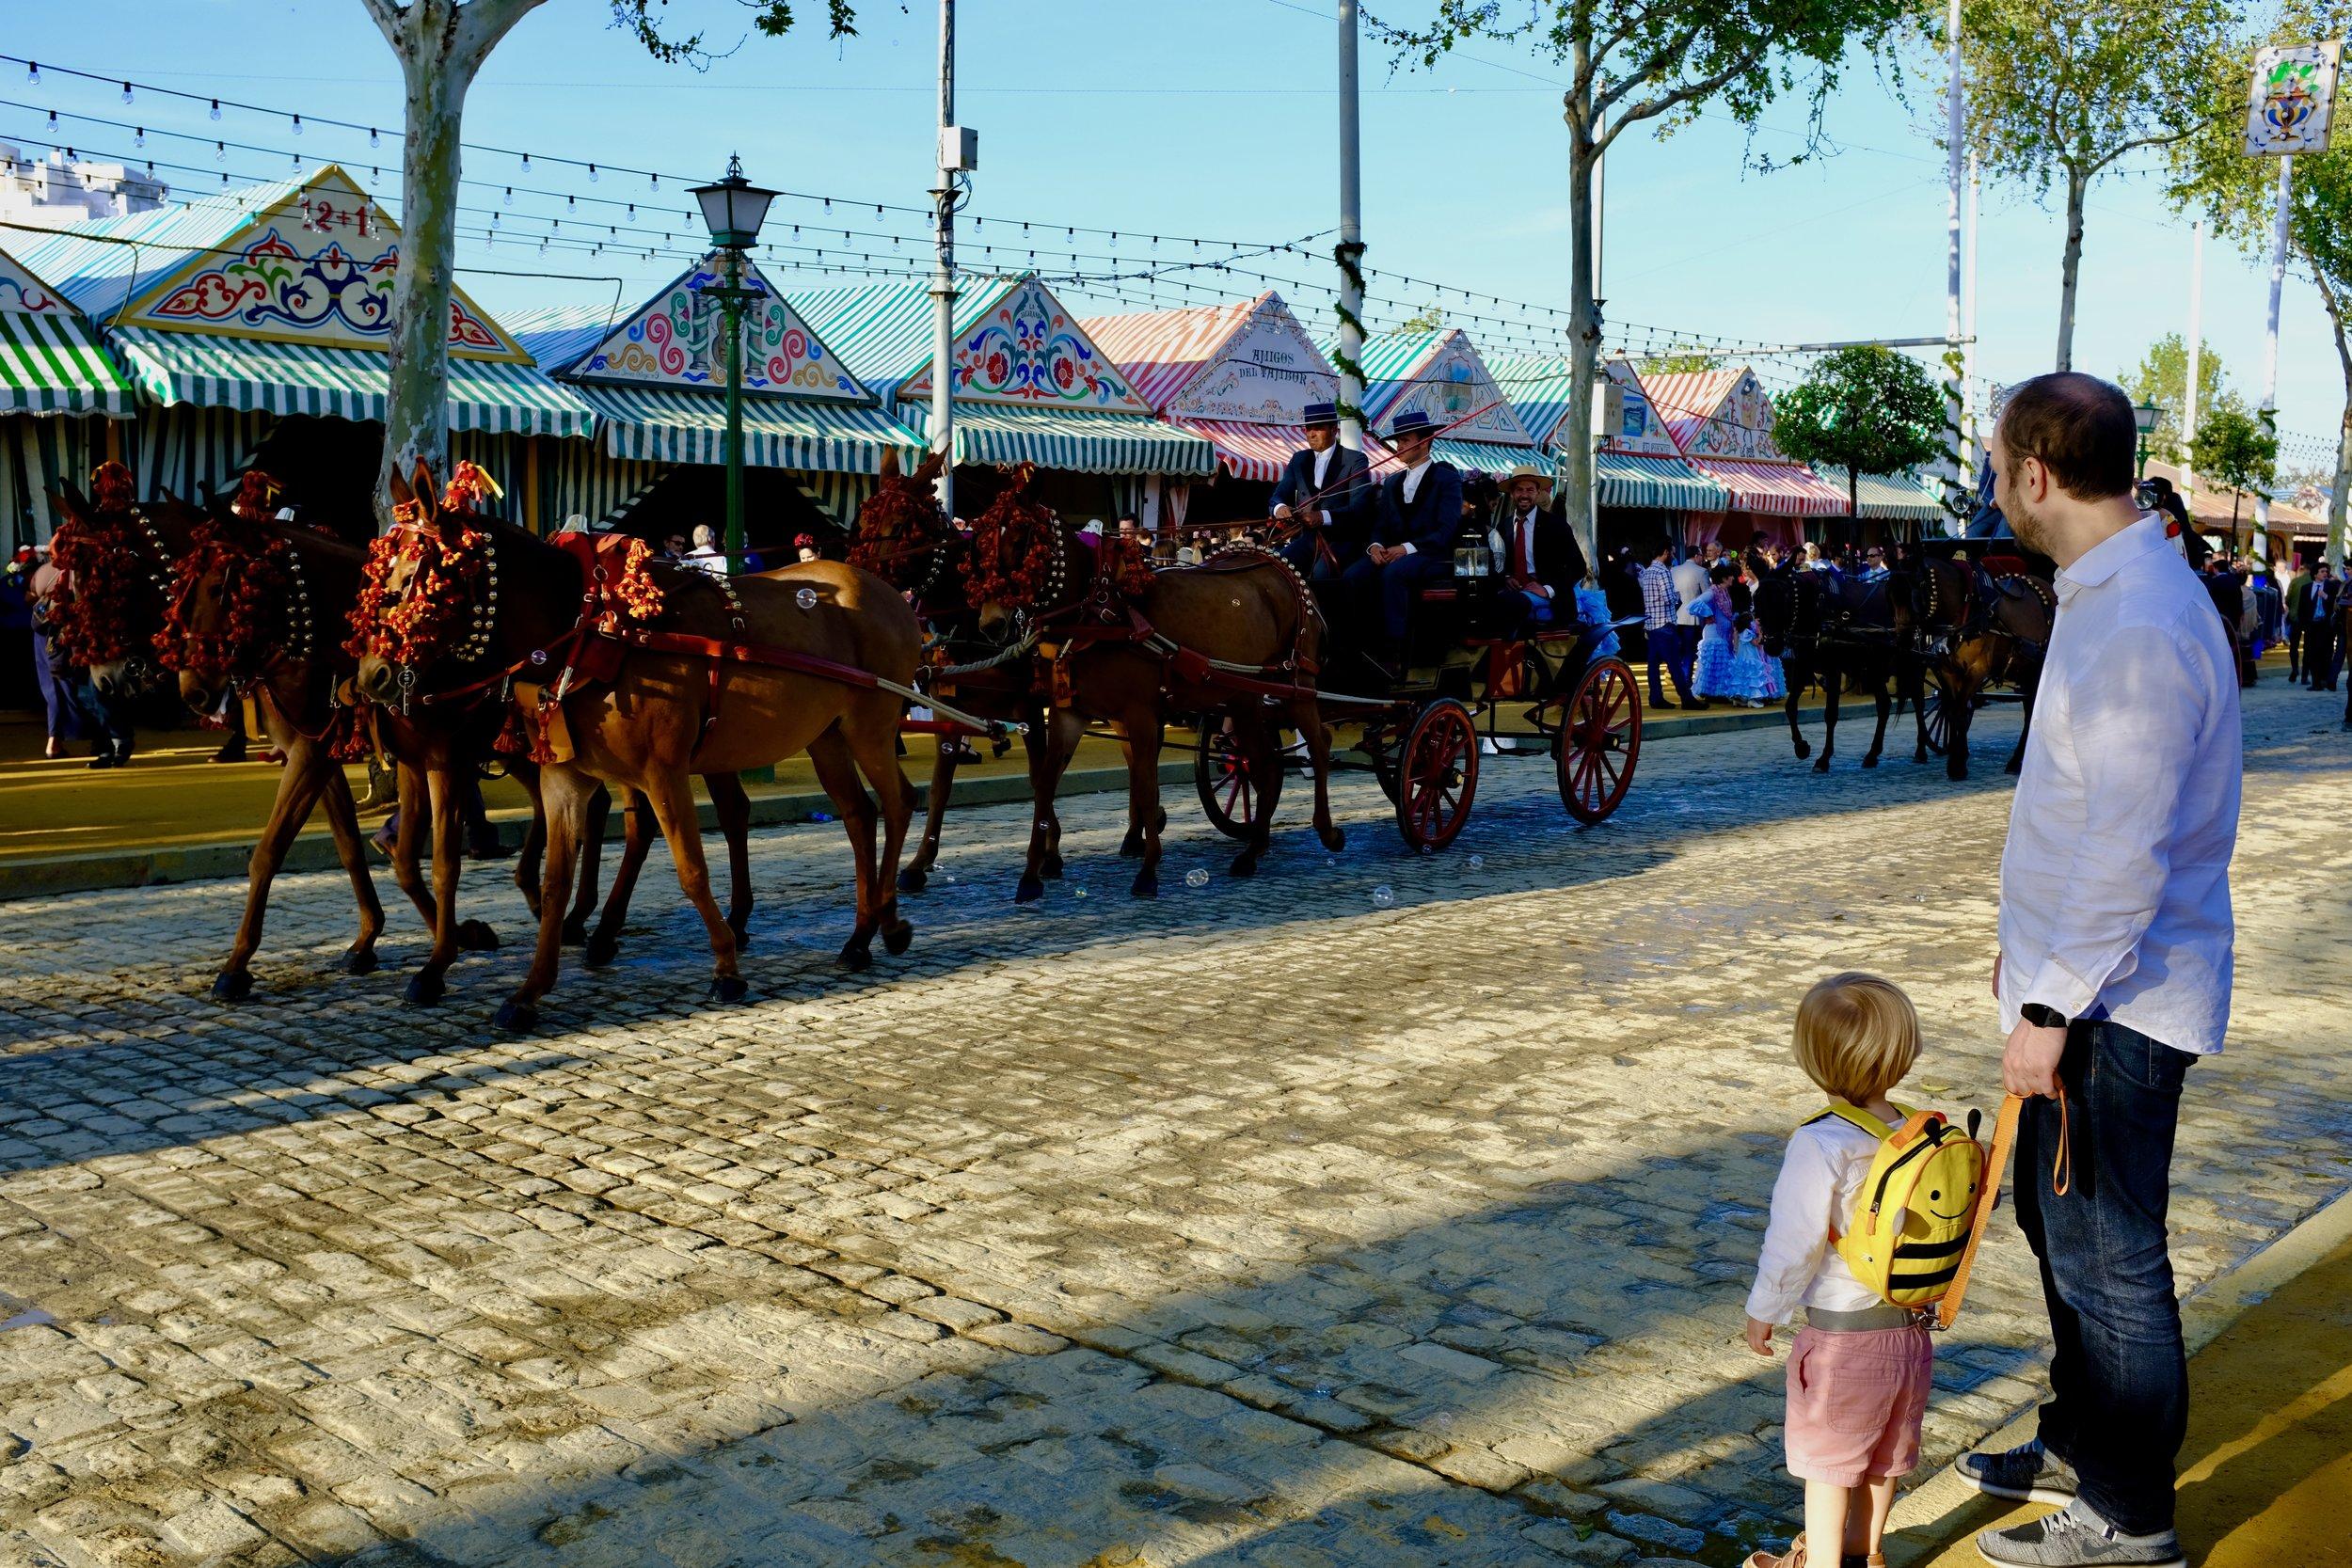 Feria de Abril_City Nibbler_Seville